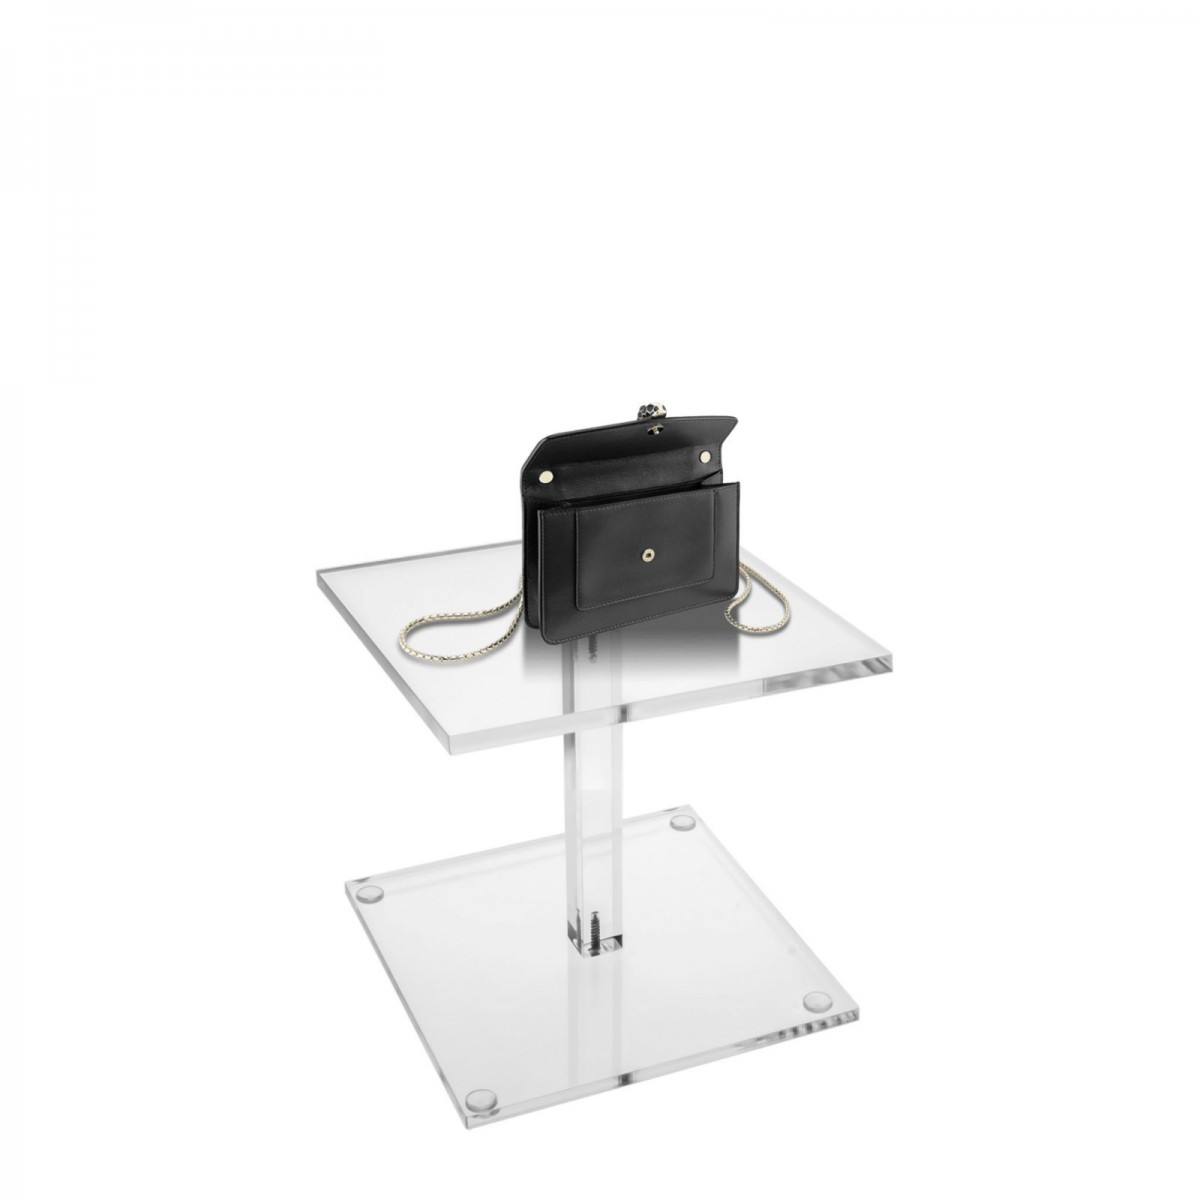 E-159 - Espositore universale in plexiglass trasparente